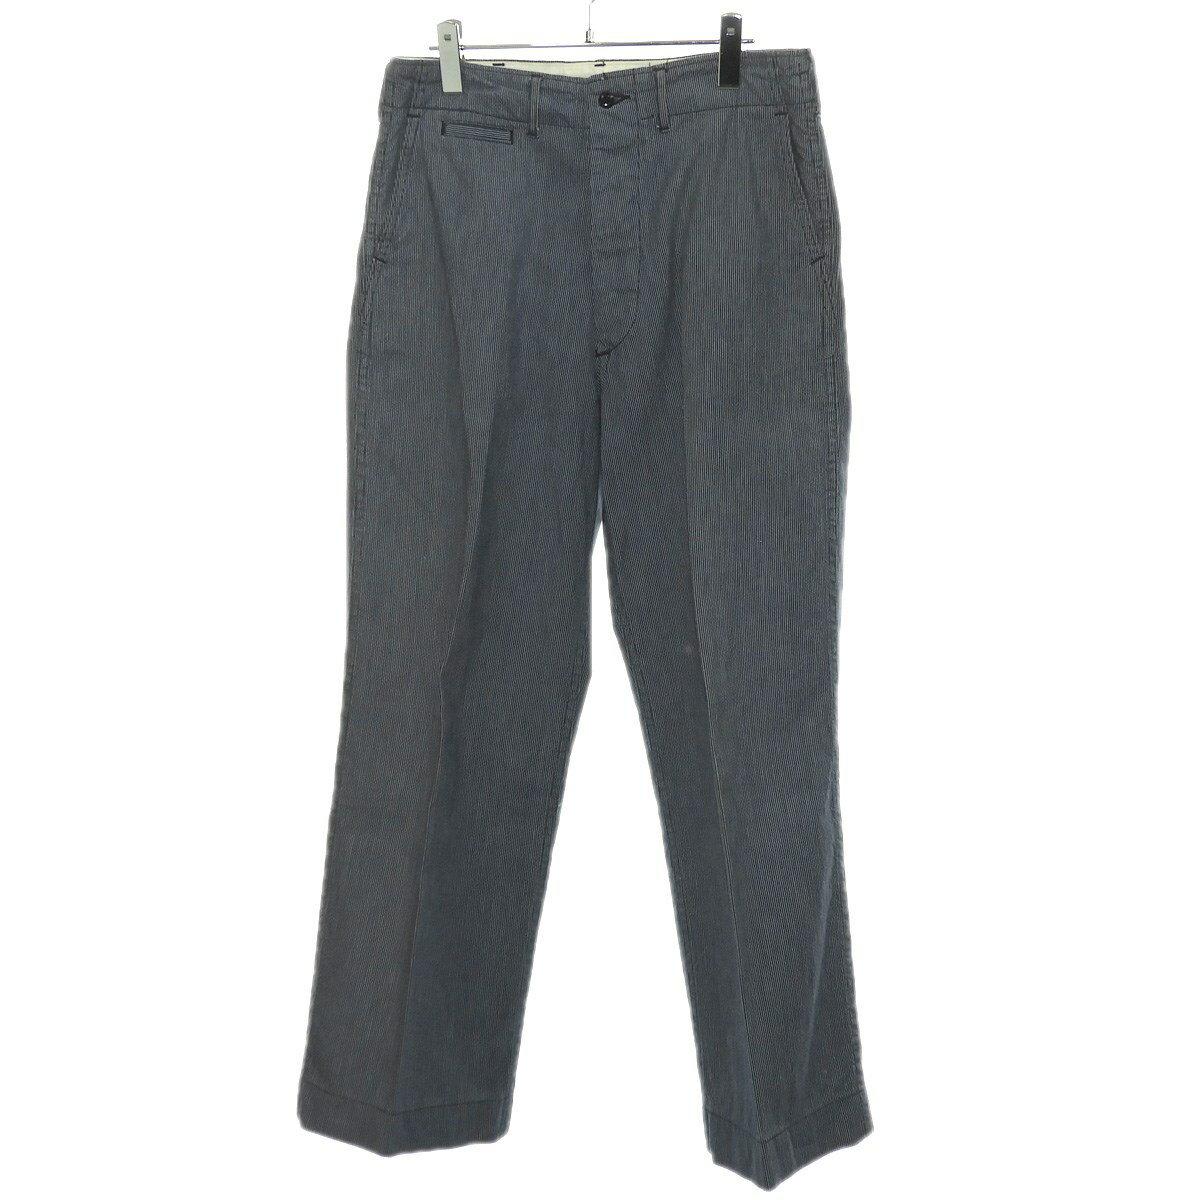 メンズファッション, ズボン・パンツ ATLAST CO 30 071119